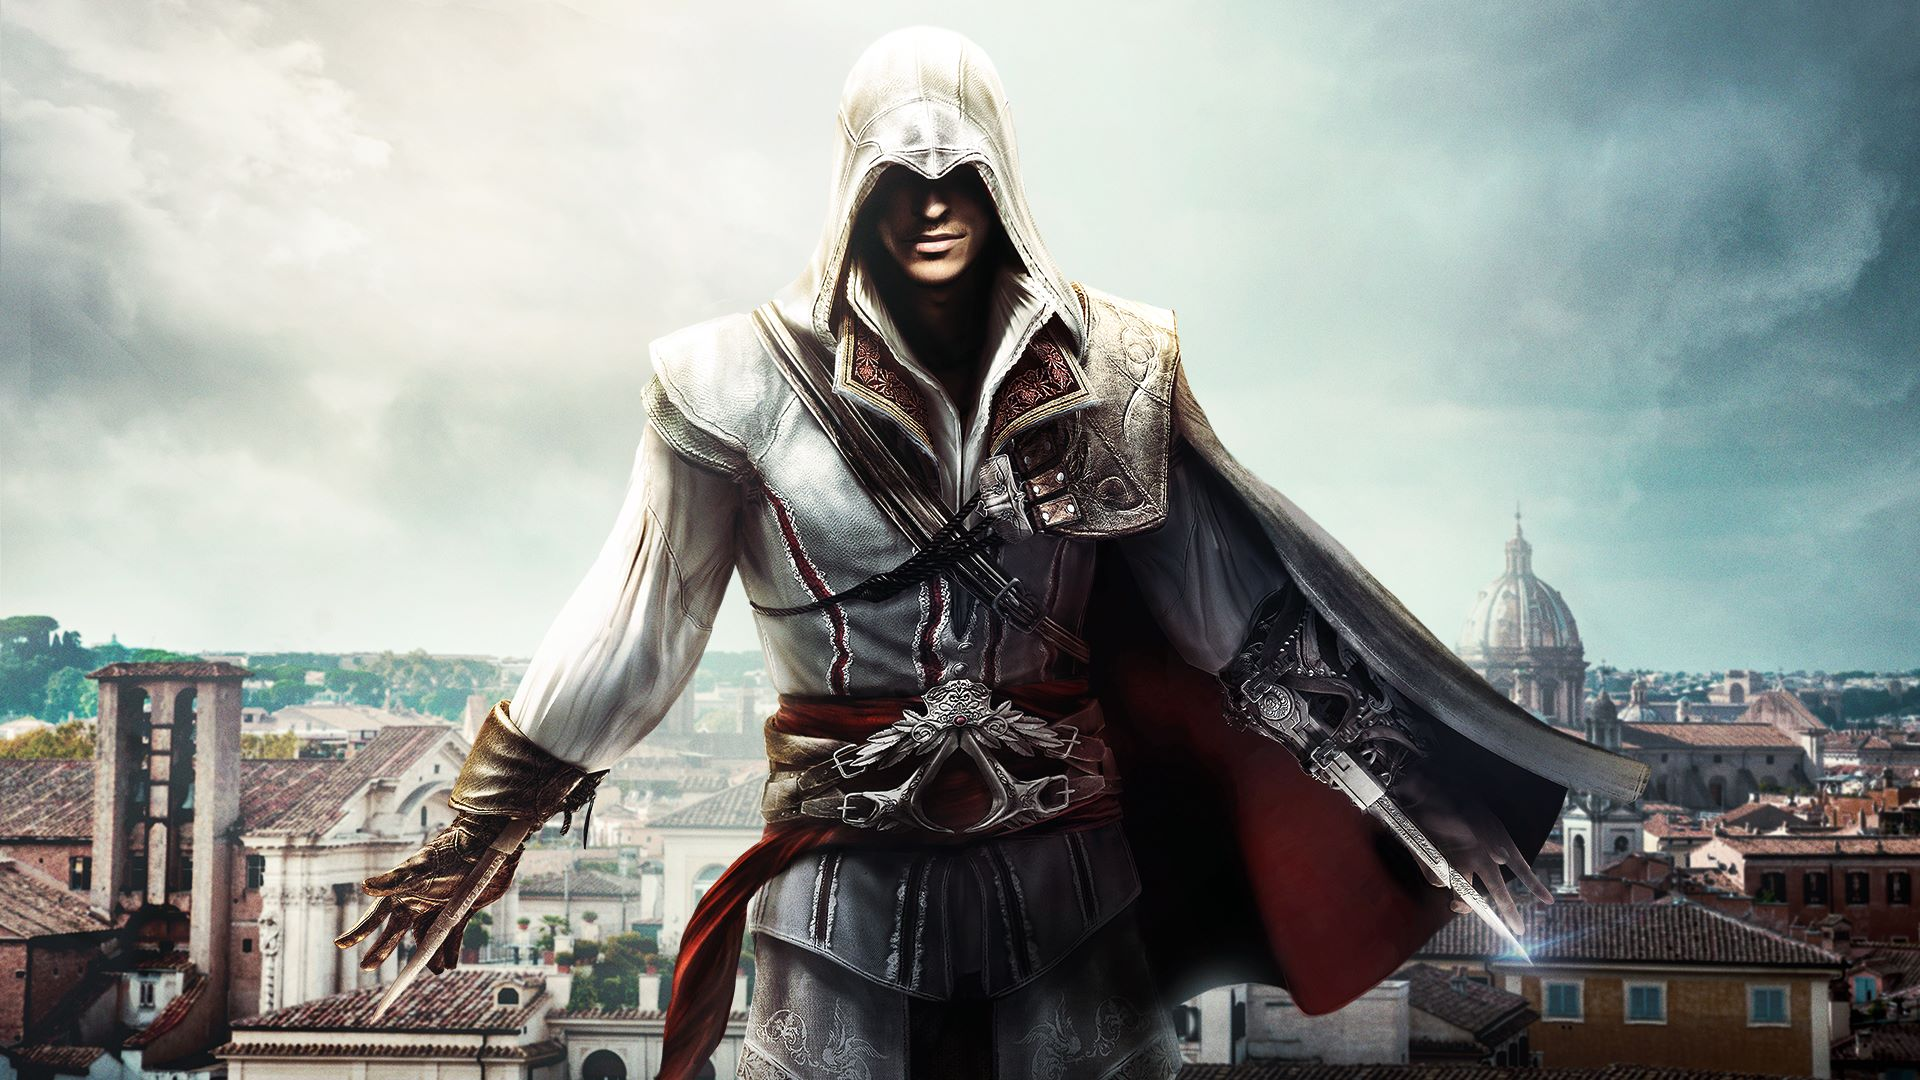 Интересные факты о серии игр Assassin's Creed